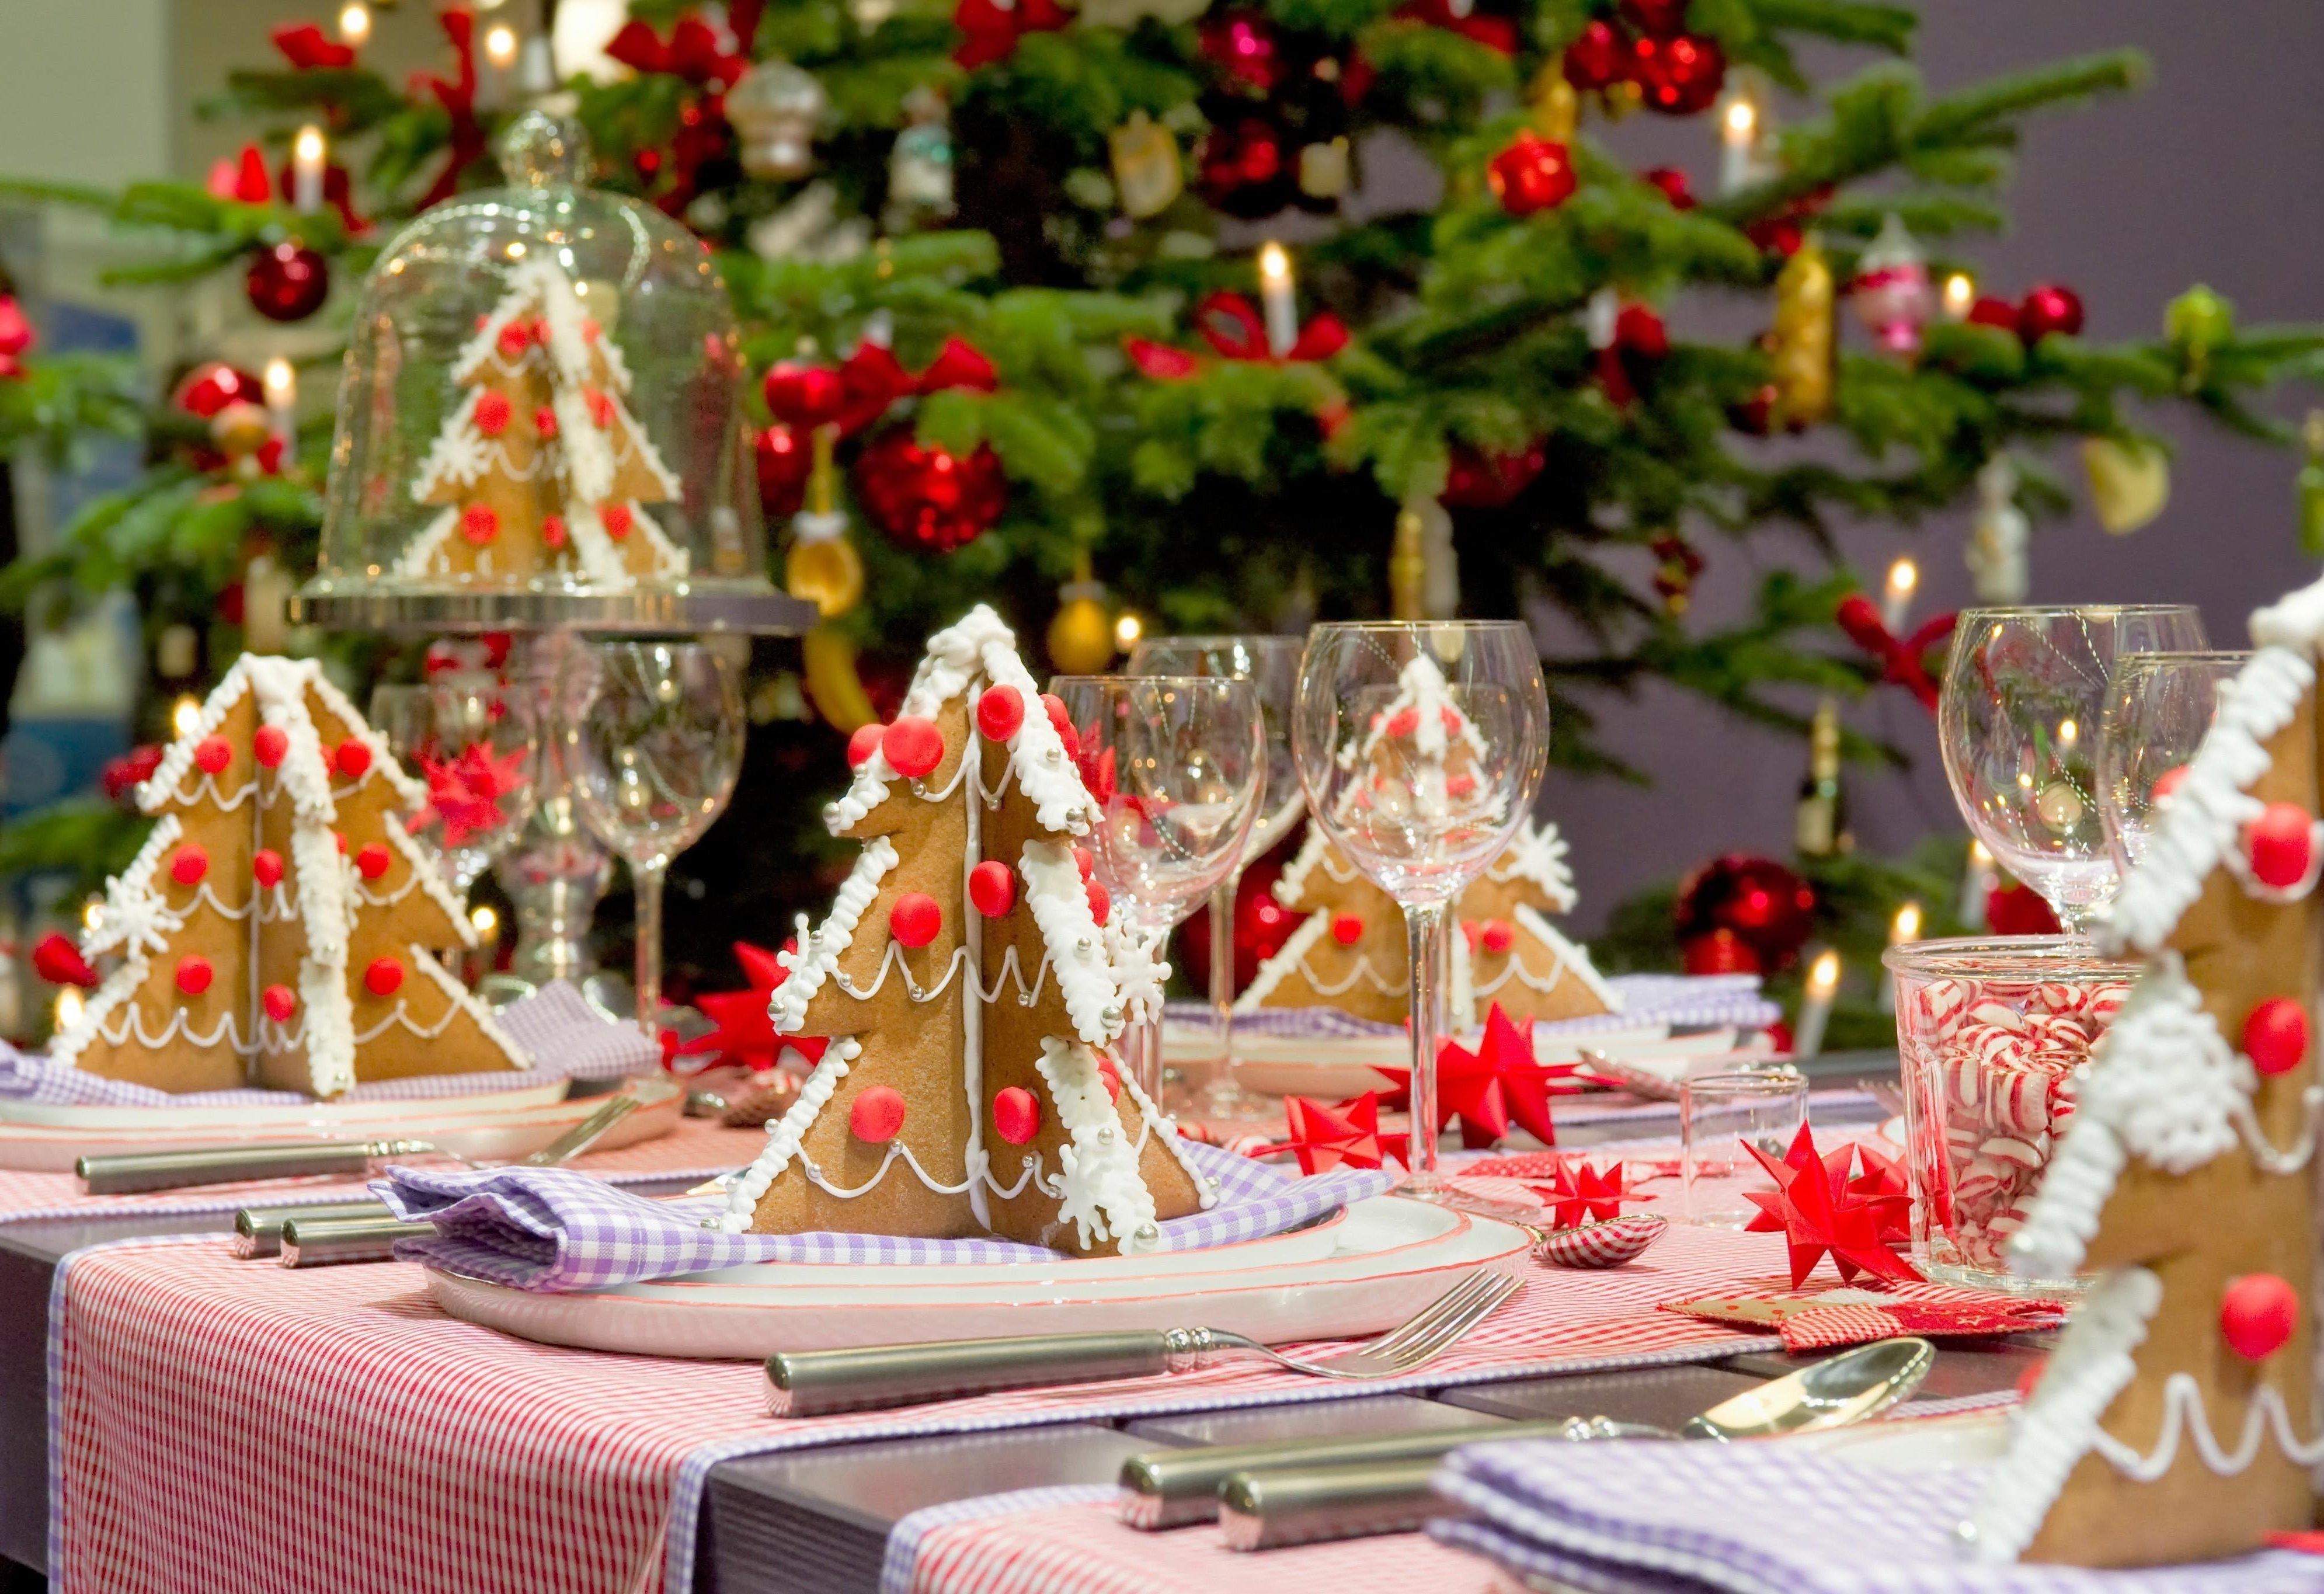 Tisch weihnachtlich dekorieren 41 deko ideen f r weihnachtstafel deko feiern - Weihnachtsdeko tisch basteln ...